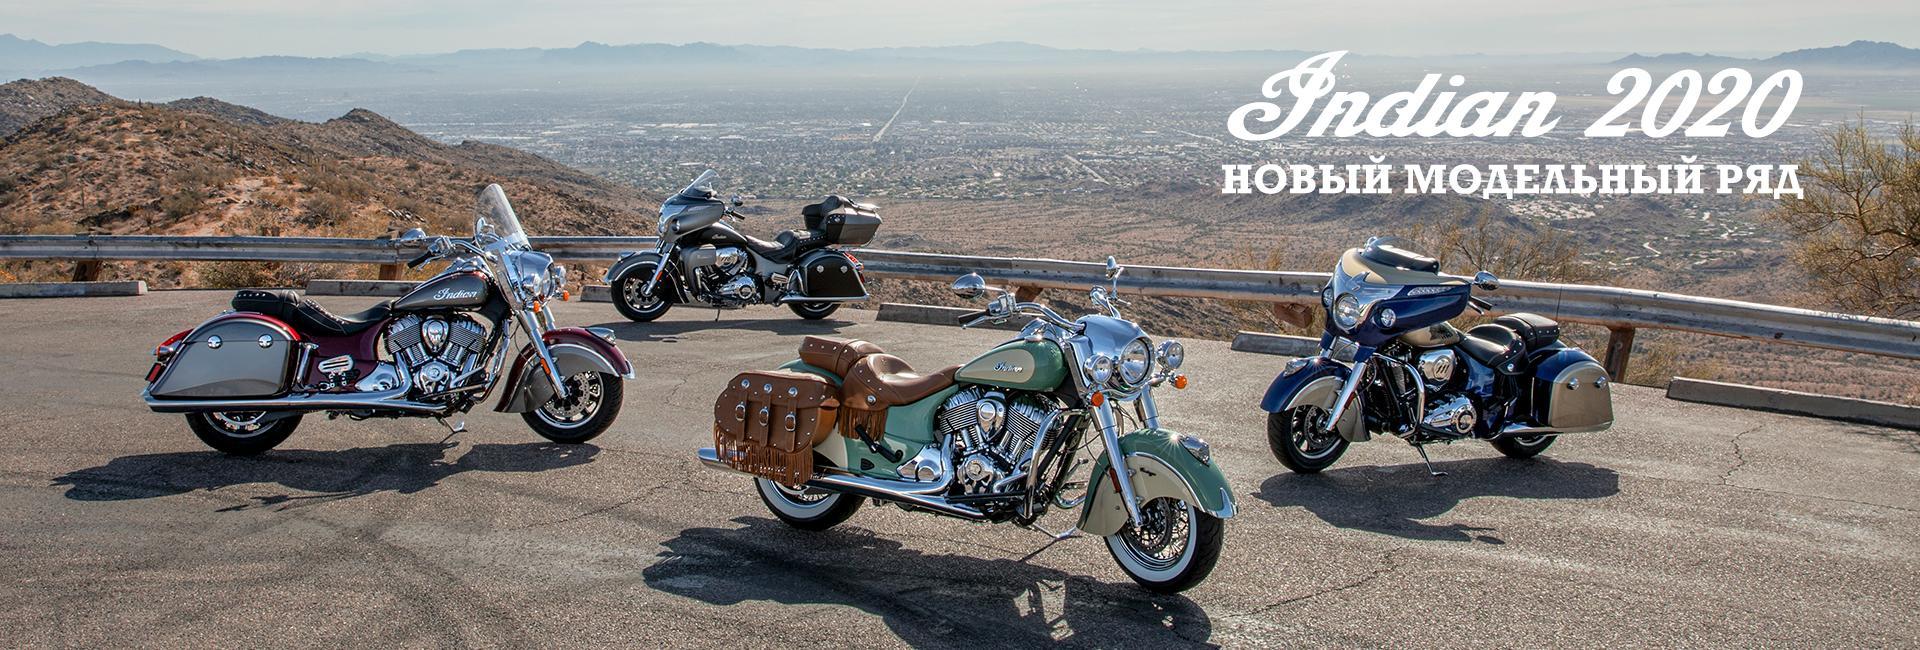 где купить мотоцикл в кредит